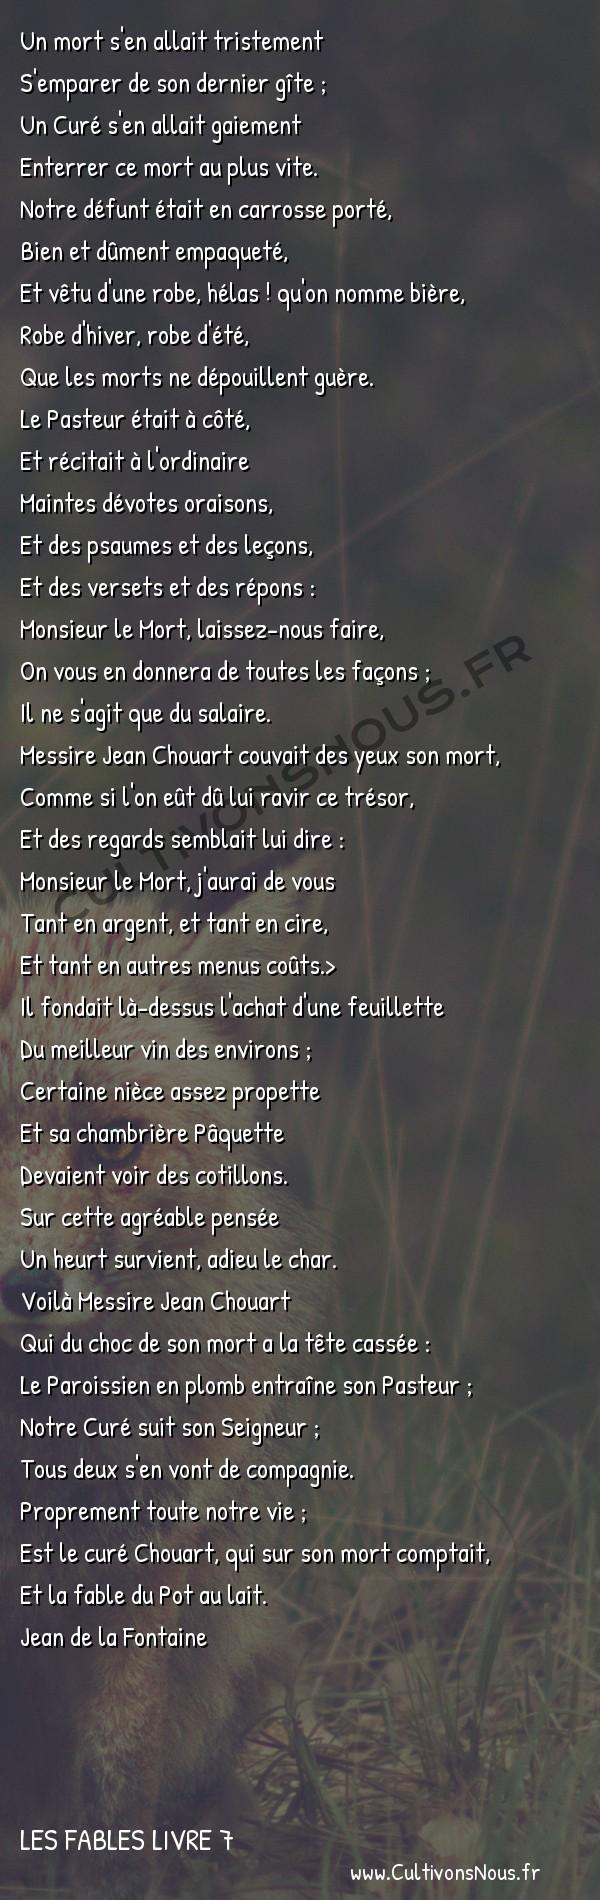 Fables Jean de la Fontaine - Les fables Livre 7 - Le Curé et le Mort -   Un mort s'en allait tristement S'emparer de son dernier gîte ;